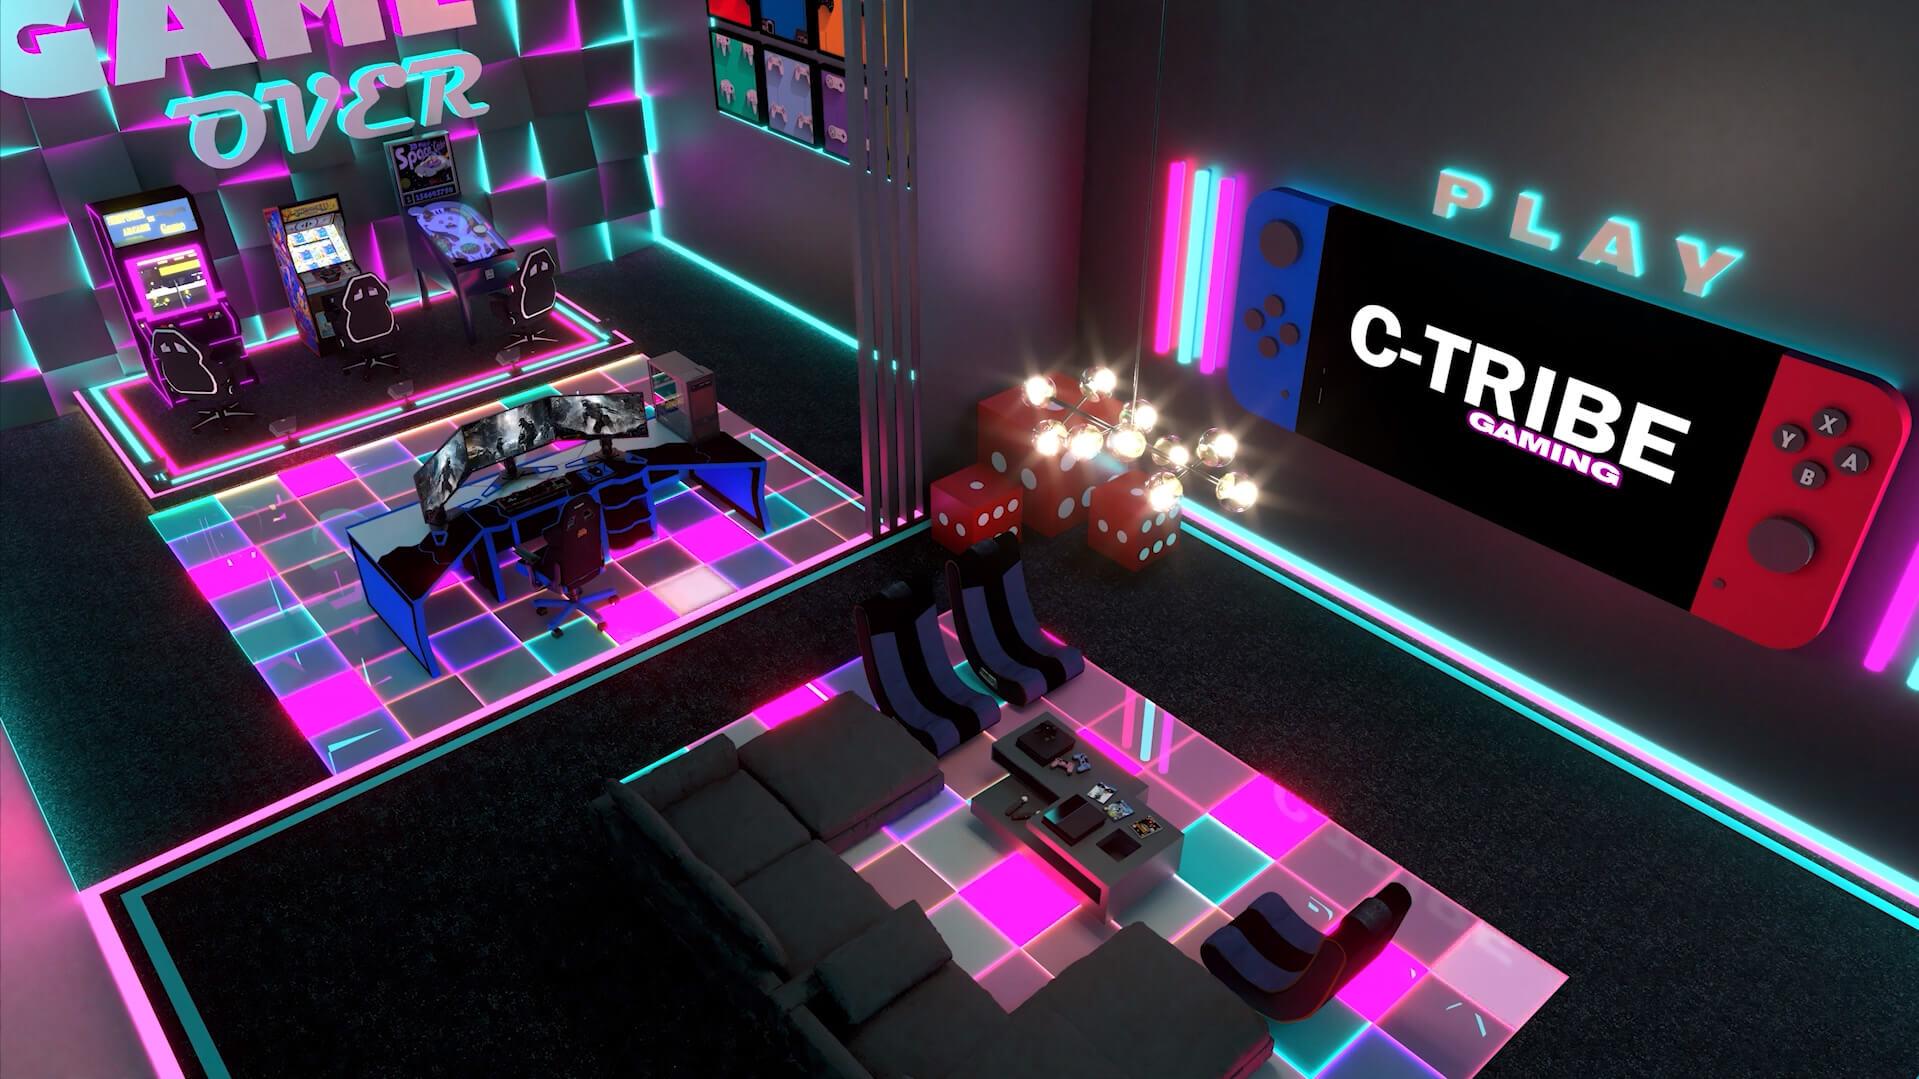 gaming-c-trbie